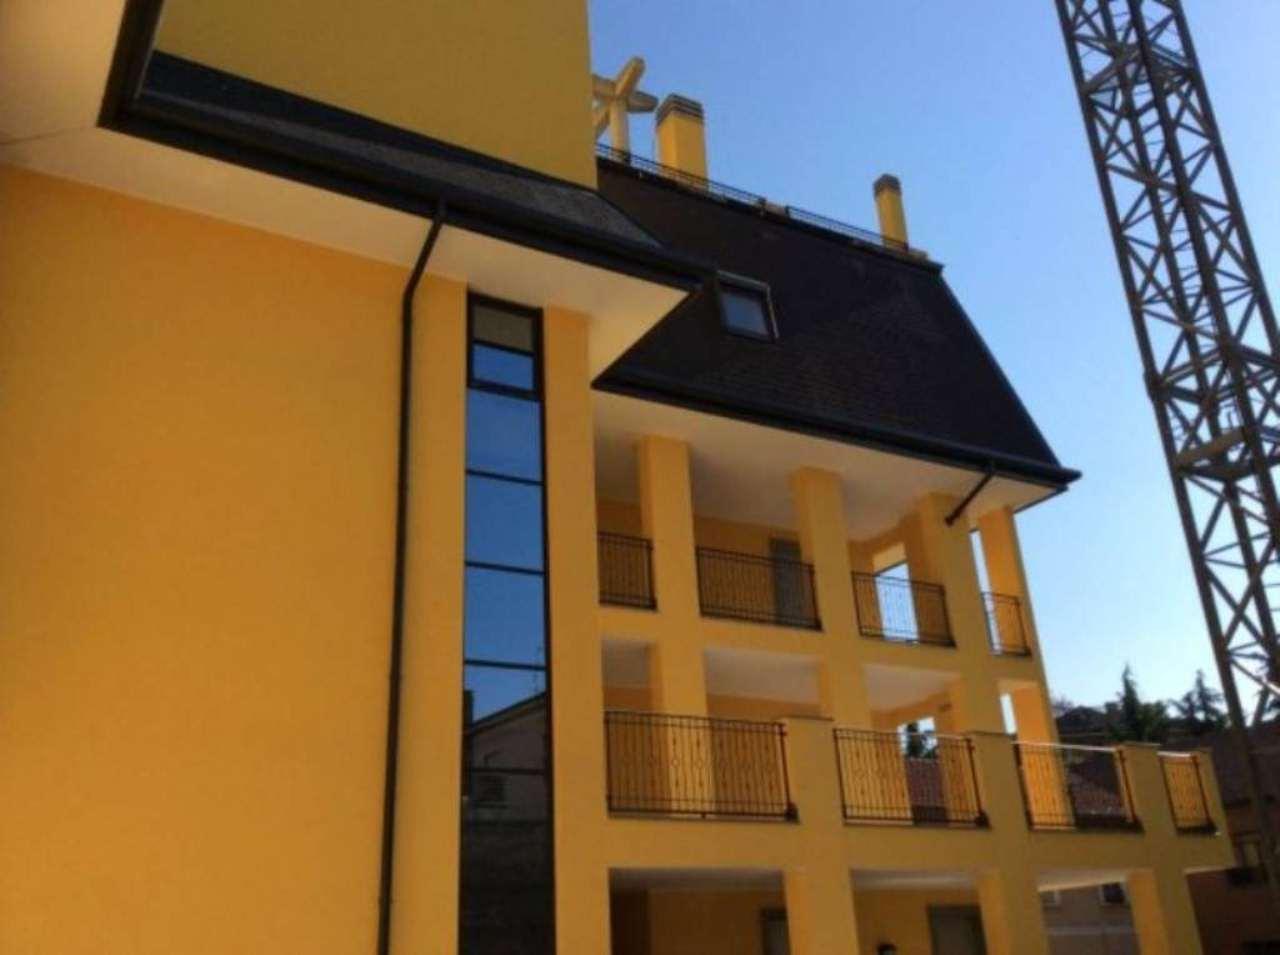 Attico / Mansarda in affitto a Bovisio Masciago, 3 locali, prezzo € 1.200 | Cambio Casa.it